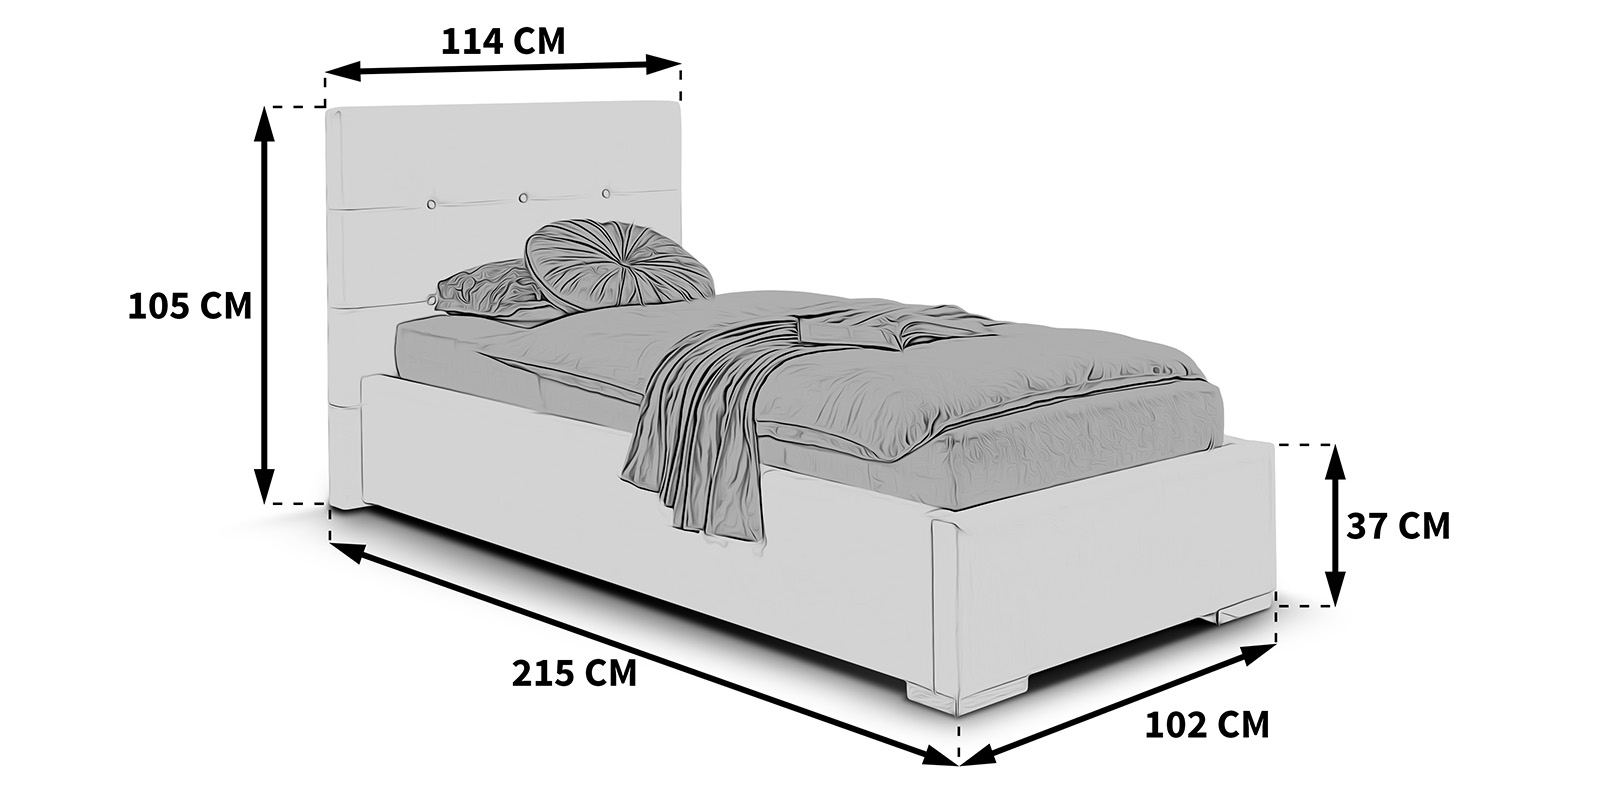 Full Size of Bett Mit Bettkasten 90x200 Betty Skizze Ausziehbett 190x90 Oschmann Betten Wasser Ikea 160x200 Lattenrost Und Matratze Kaufen Hamburg Außergewöhnliche Weiß Bett Bett Mit Bettkasten 90x200